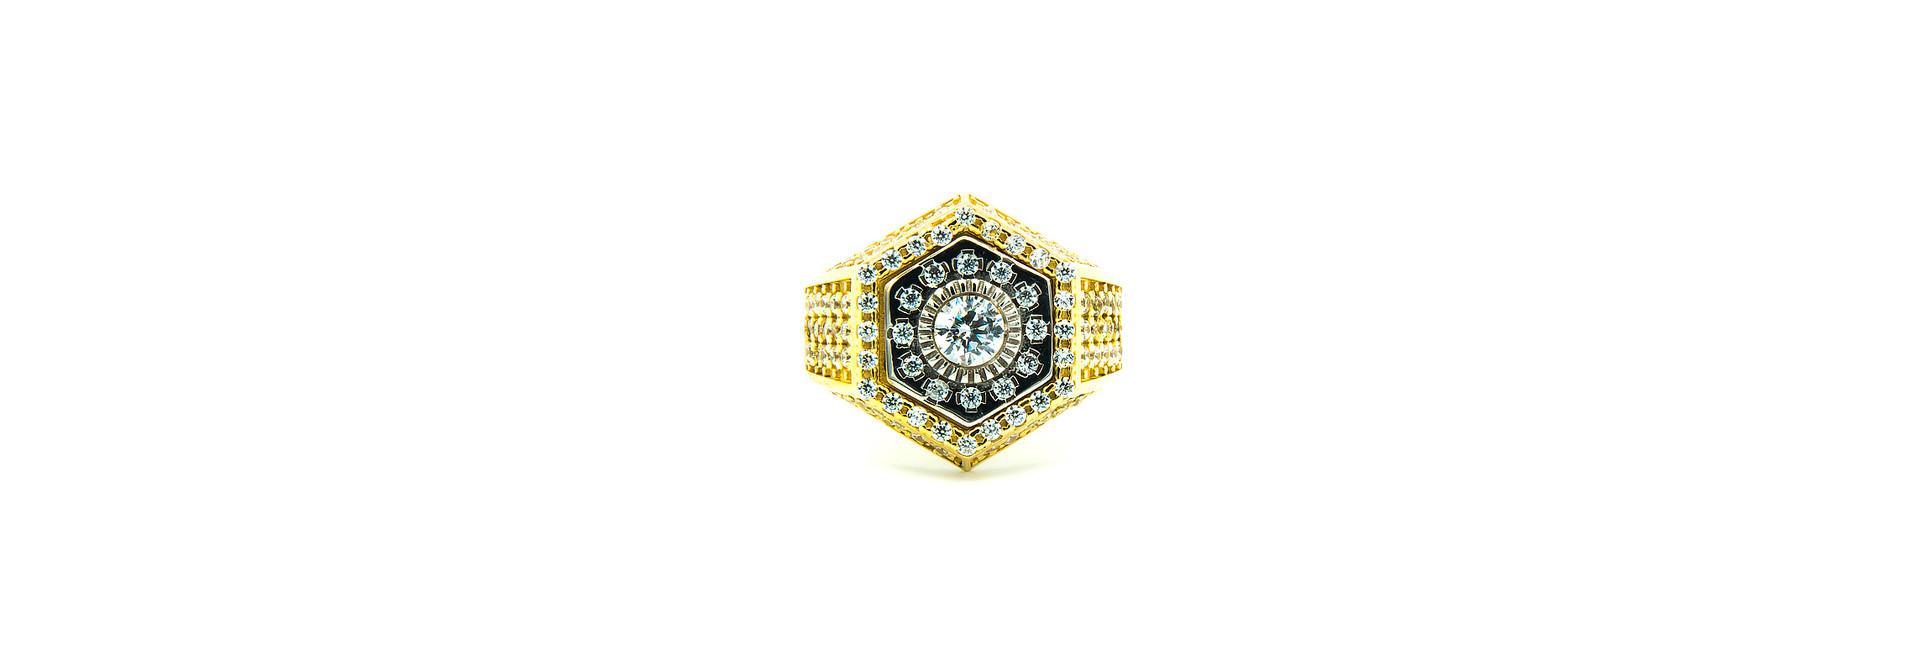 Ring zegel zeshoek met zirkonia's bicolor